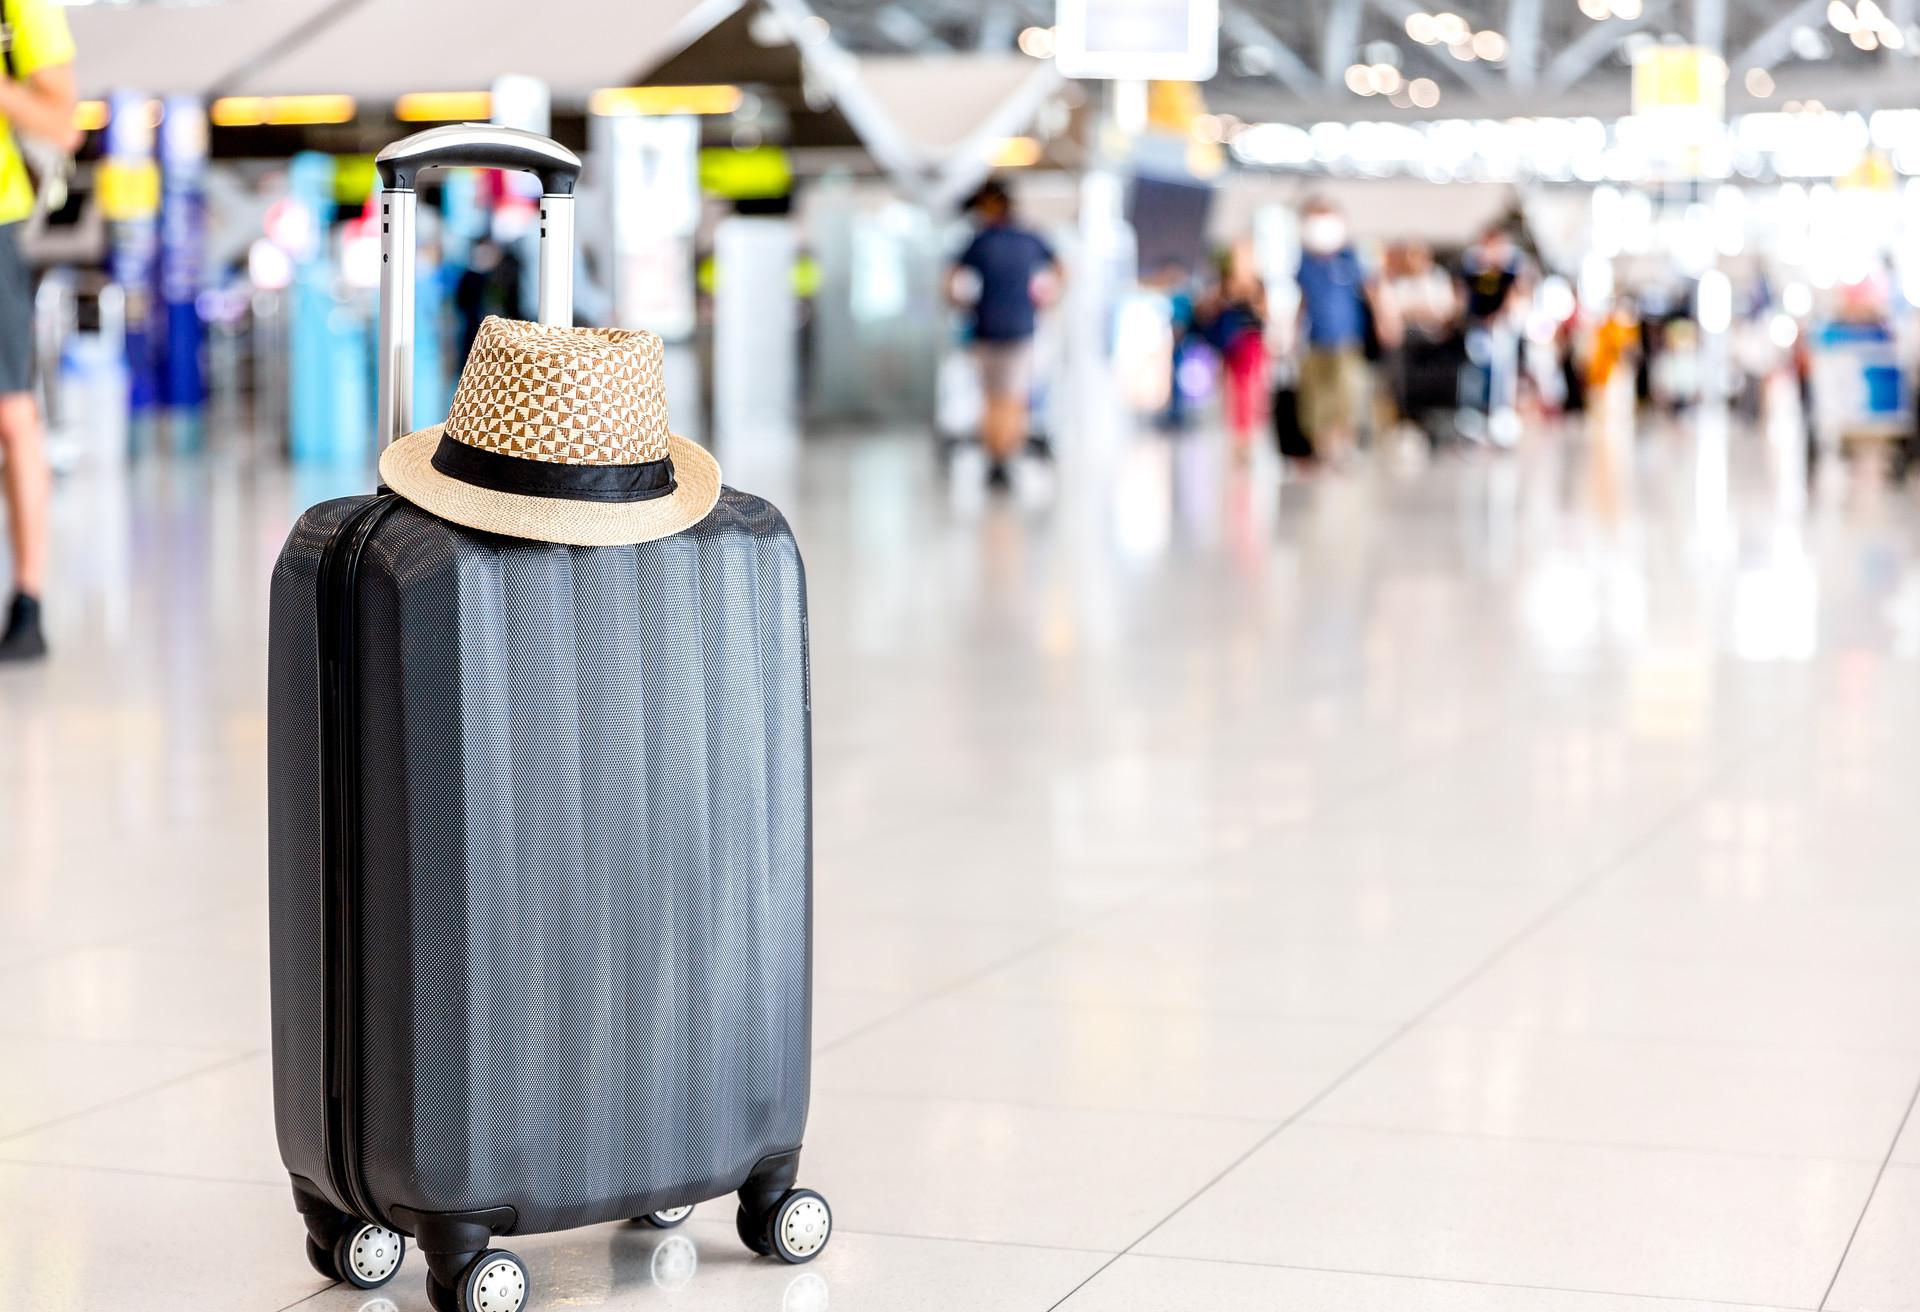 Los pasajeros esperan pacientemente a recoger su equipaje de la cinta en el aeropuerto